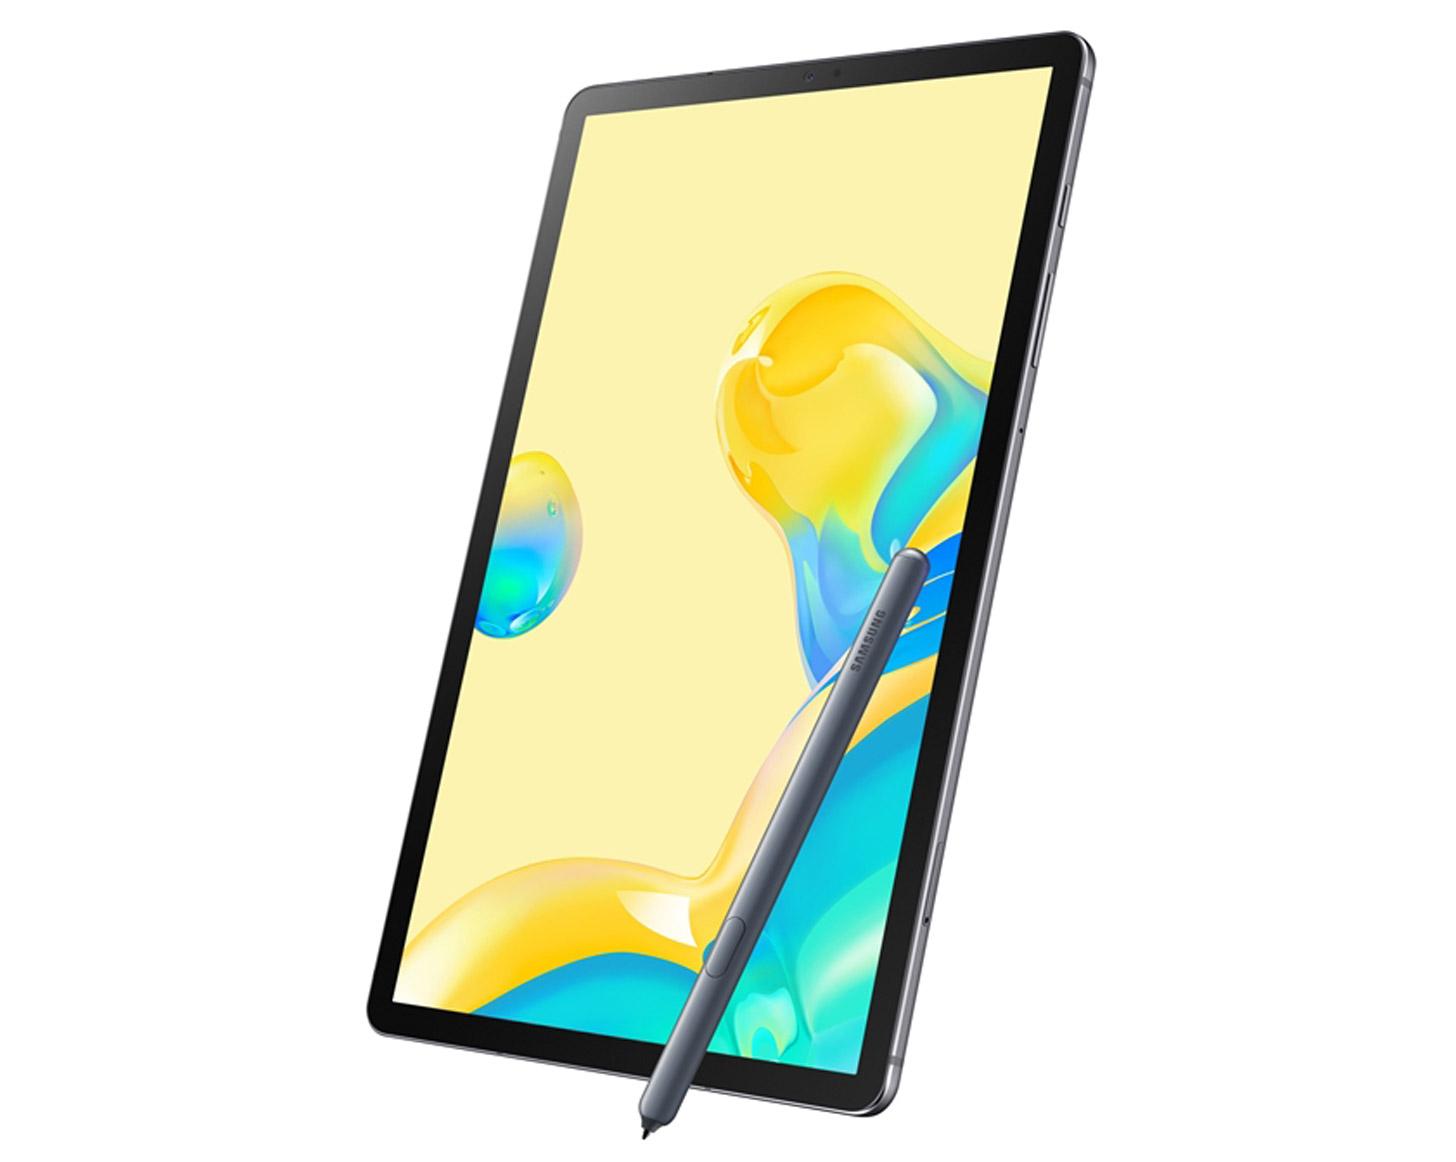 Galaxy S6 5G -välilehti lanseerattiin tällä viikolla ensimmäisenä 5G-tablettina …